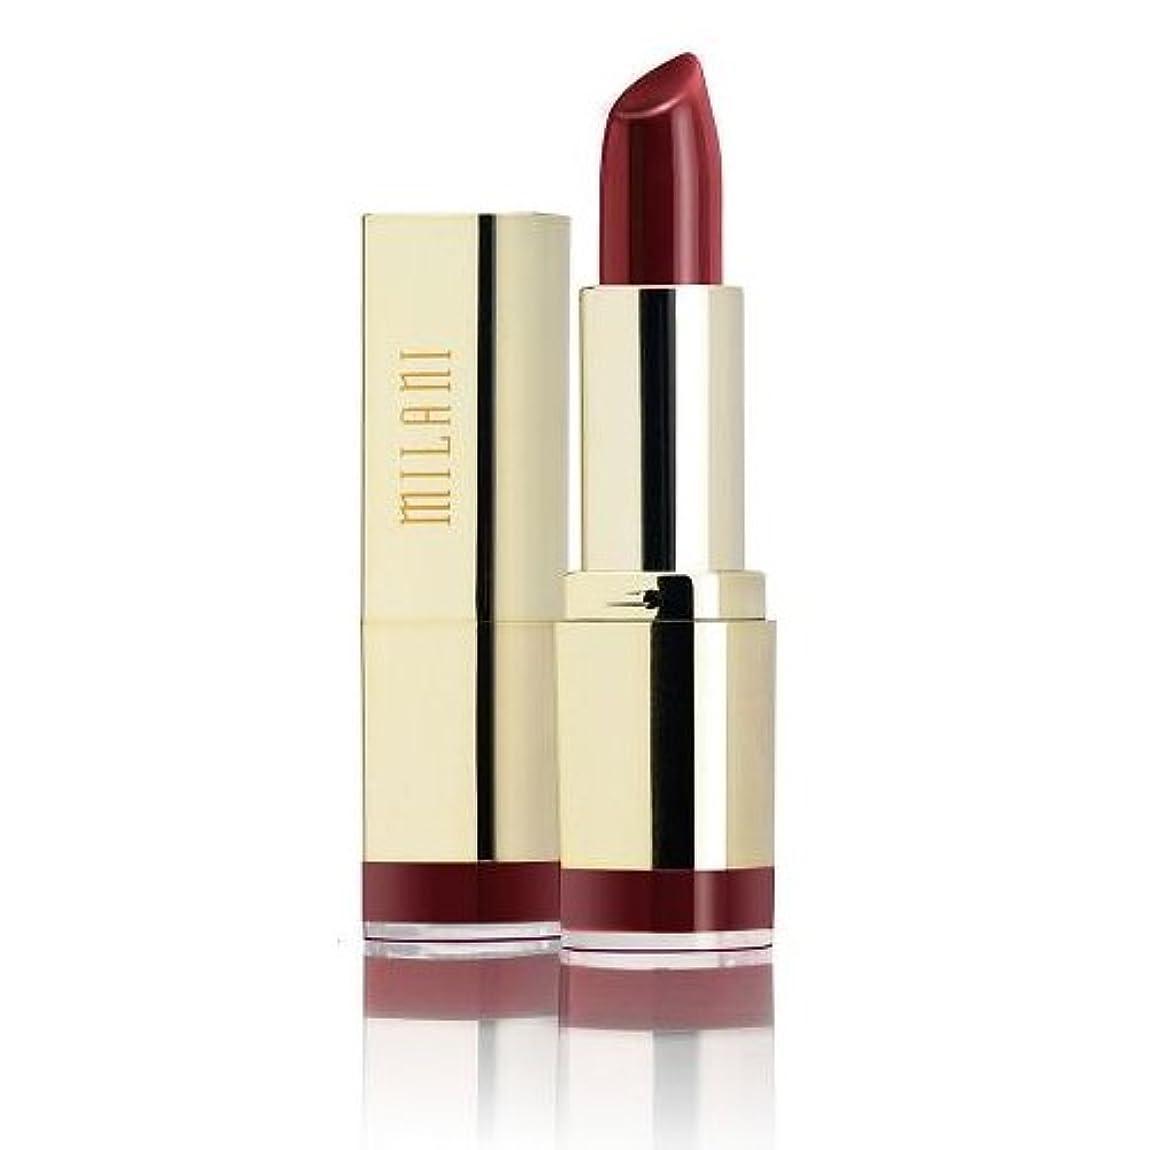 任命する百困惑するMILANI Color Statement Lipstick - Velvet Merlot (並行輸入品)